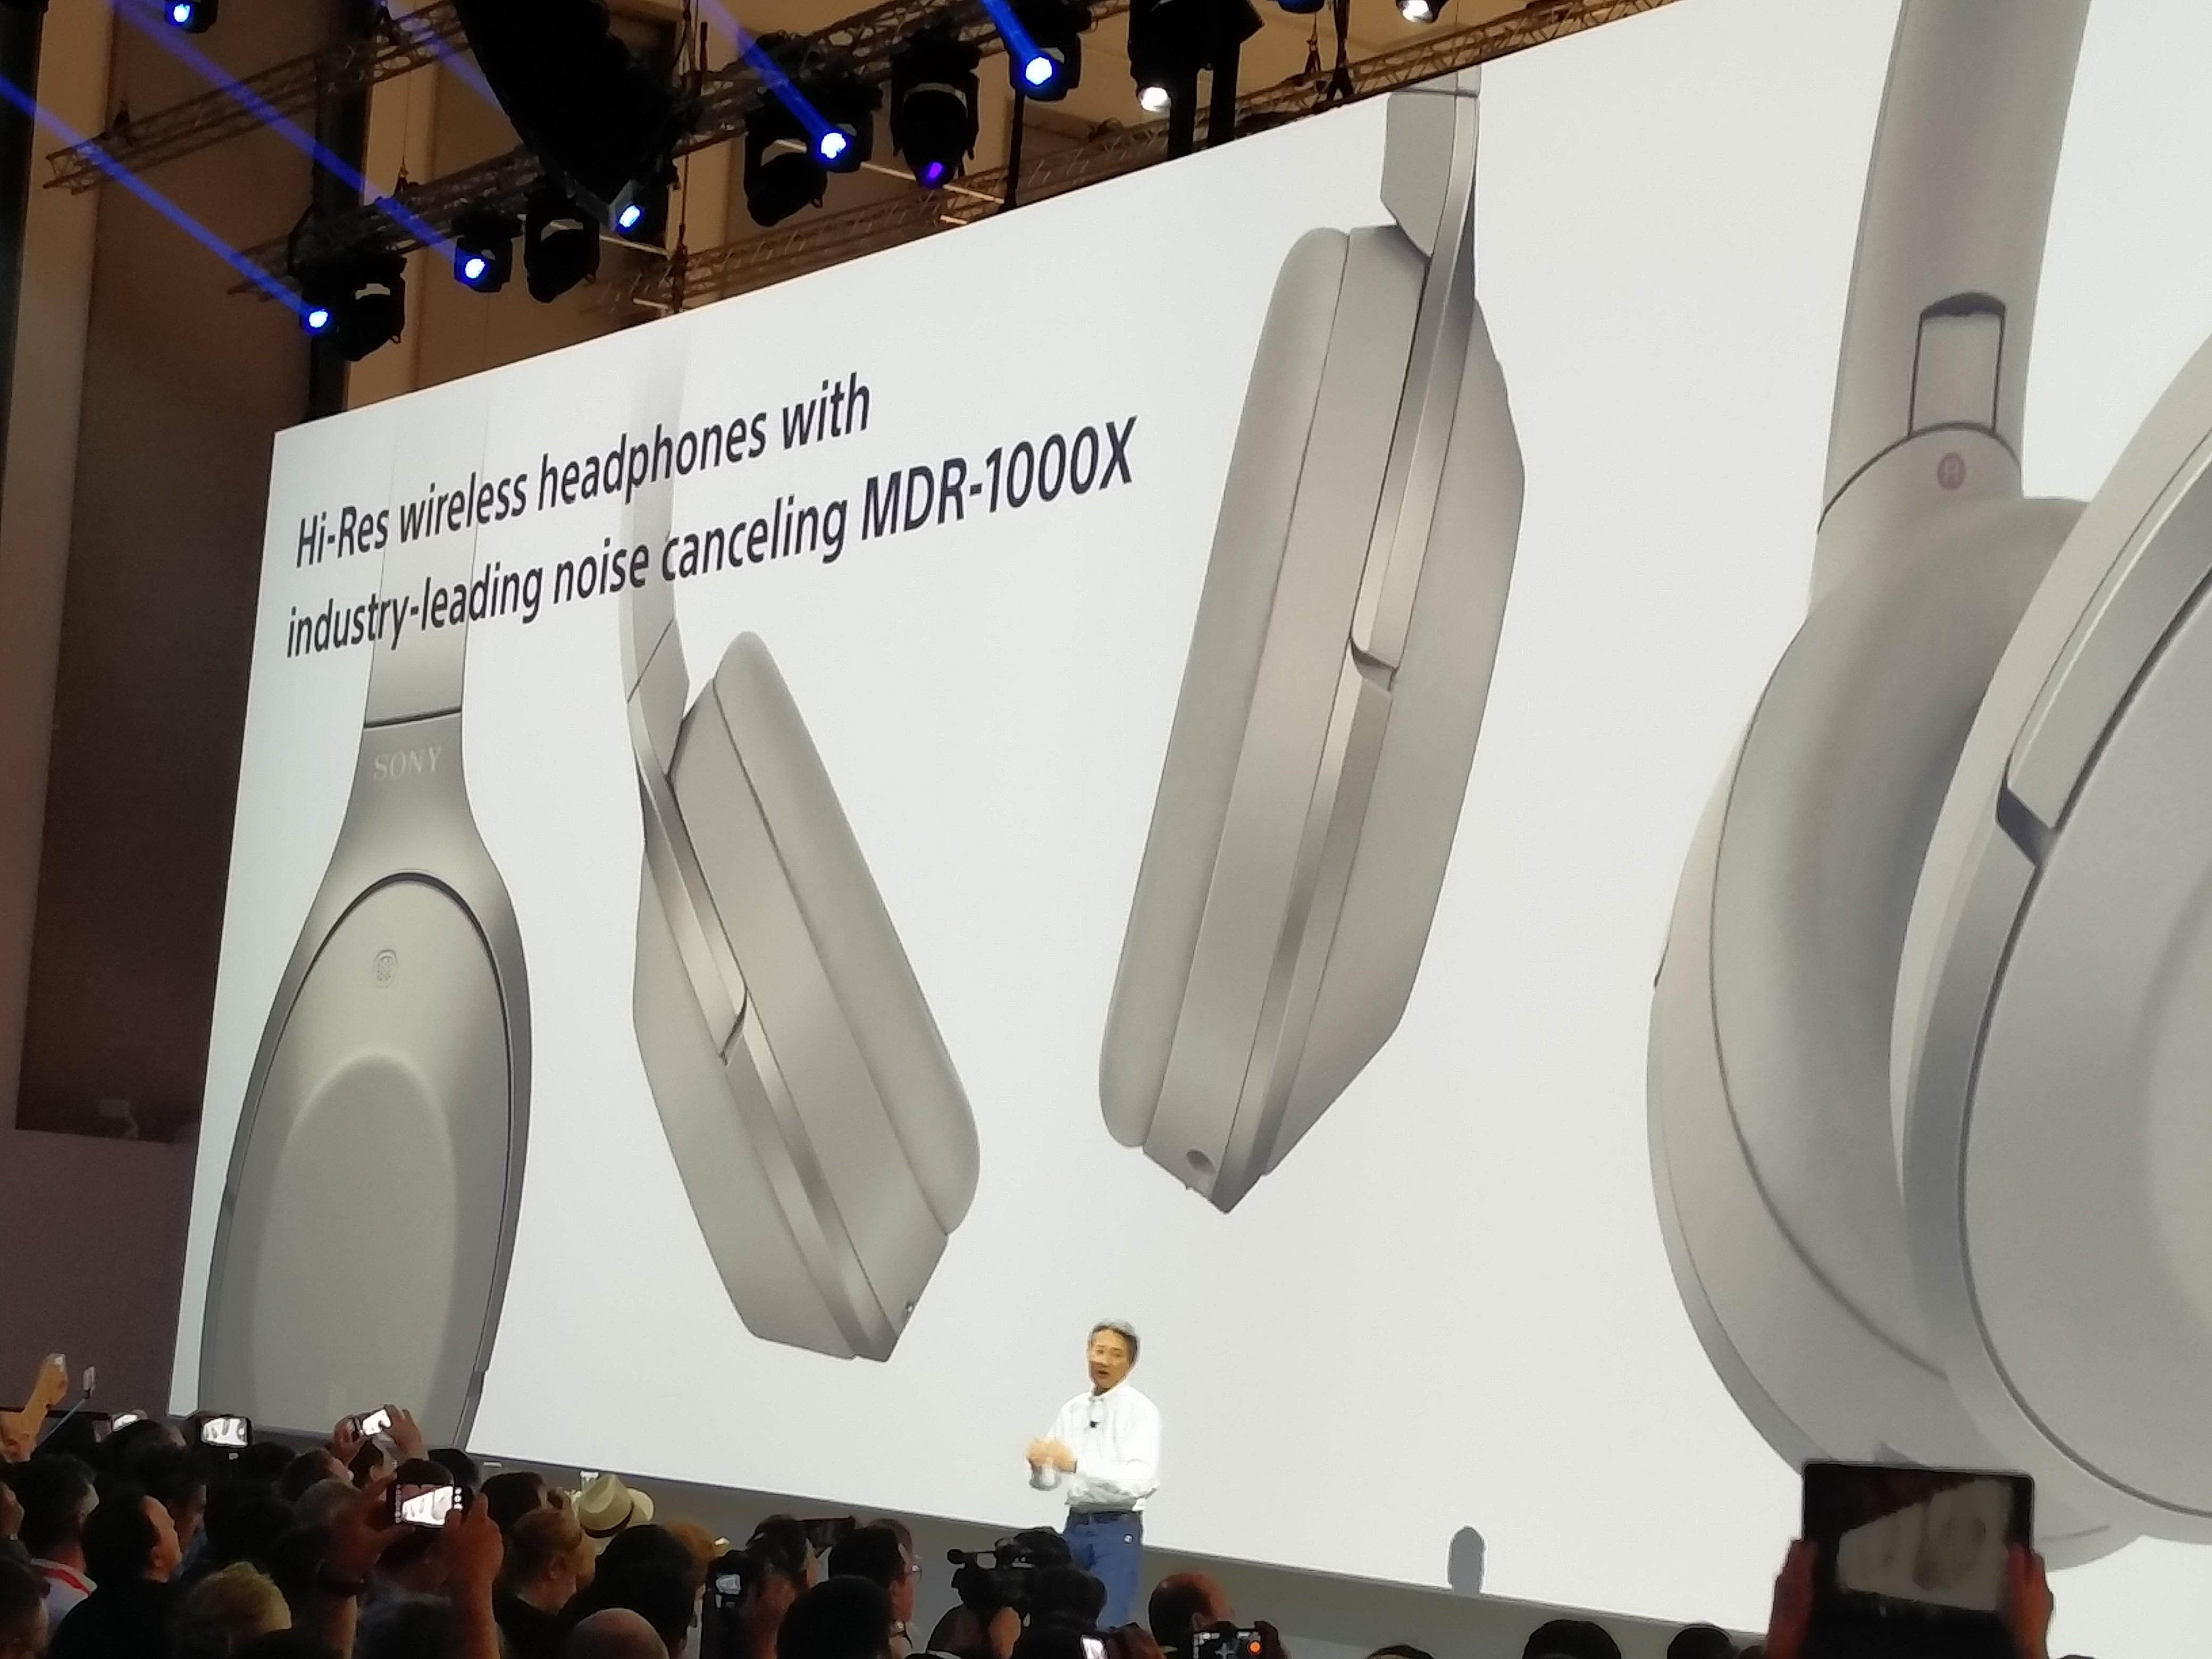 Sony stawia na jakość słuchania muzyki